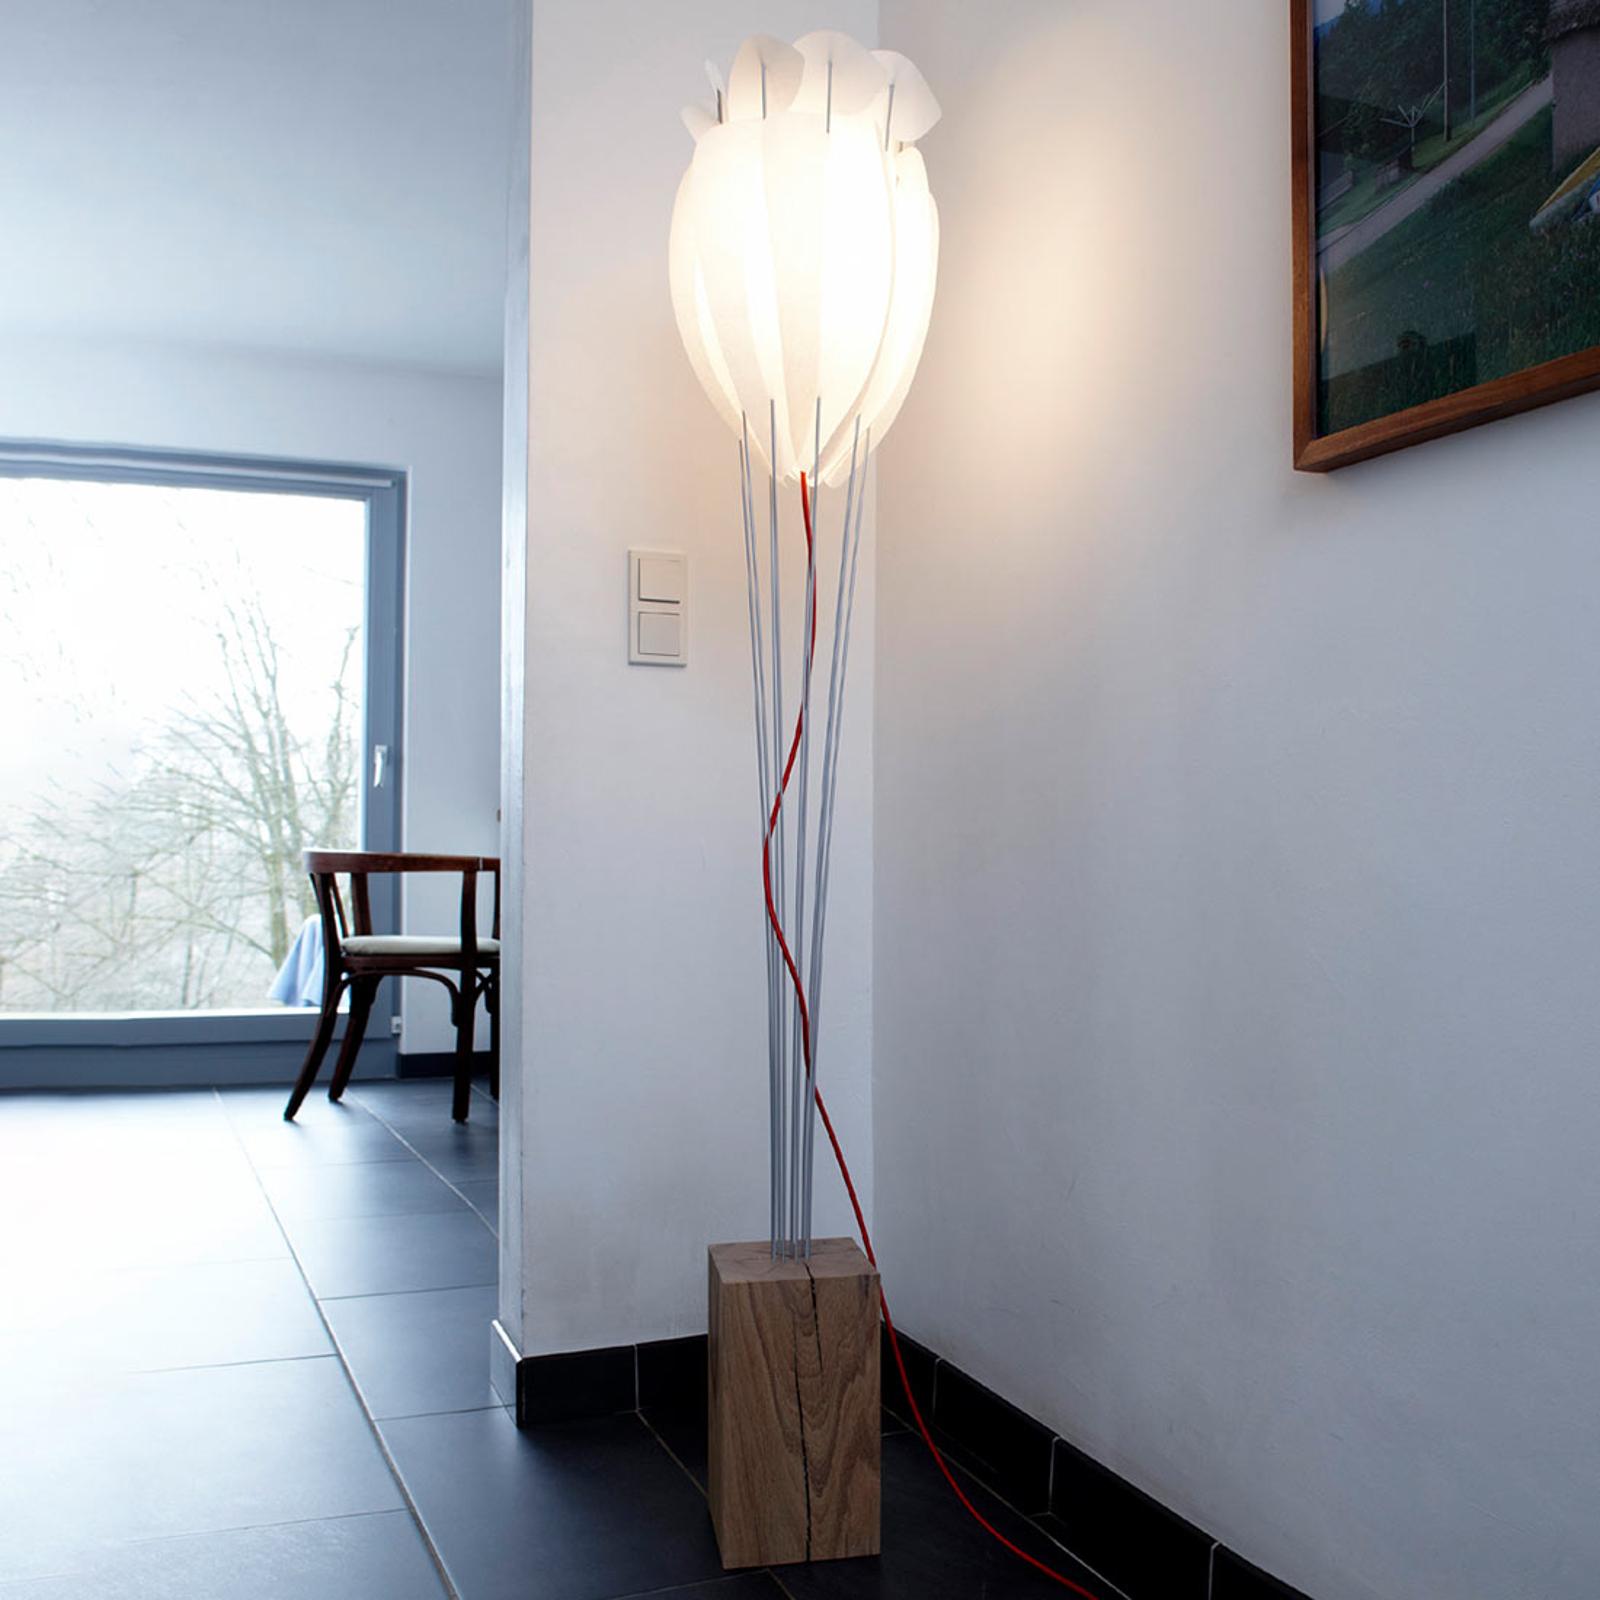 Stehleuchte Tulip rotes Kabel, Eiche weiß